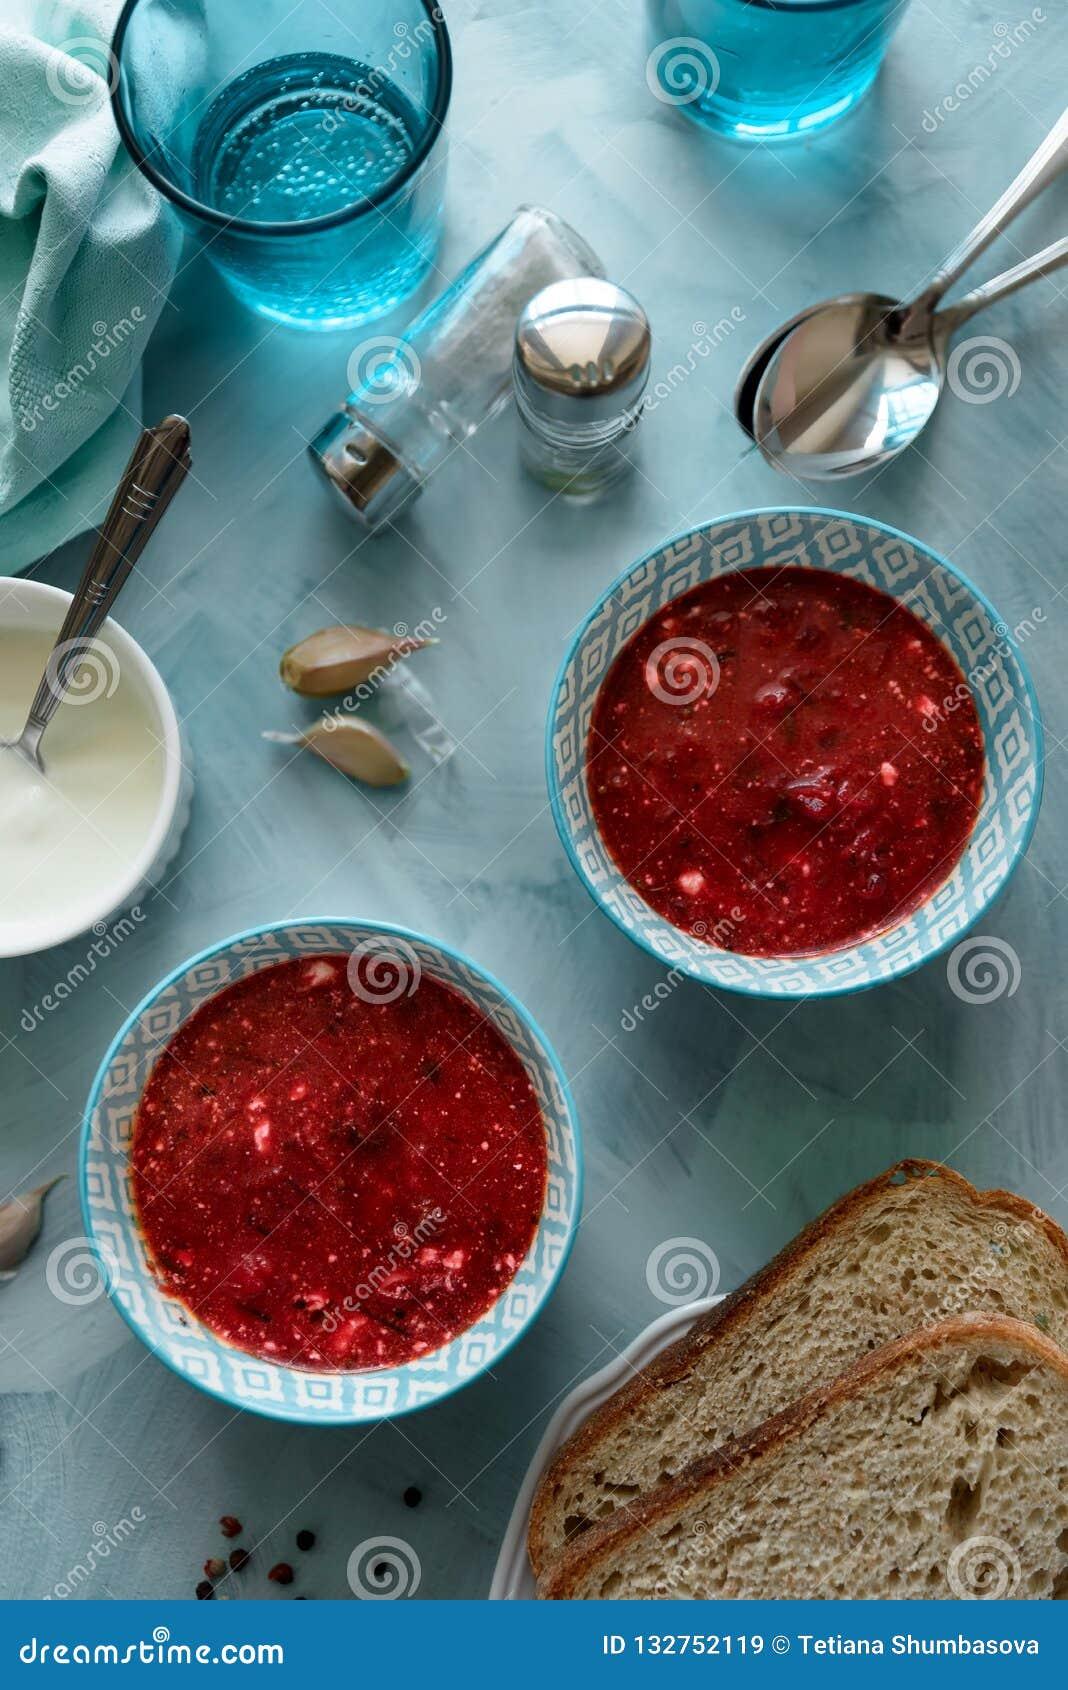 Rode borschtsoep in blauwe kom met zure room, brood, knoflook en kruiden op blauwe houten achtergrond Hoogste mening Vlak leg